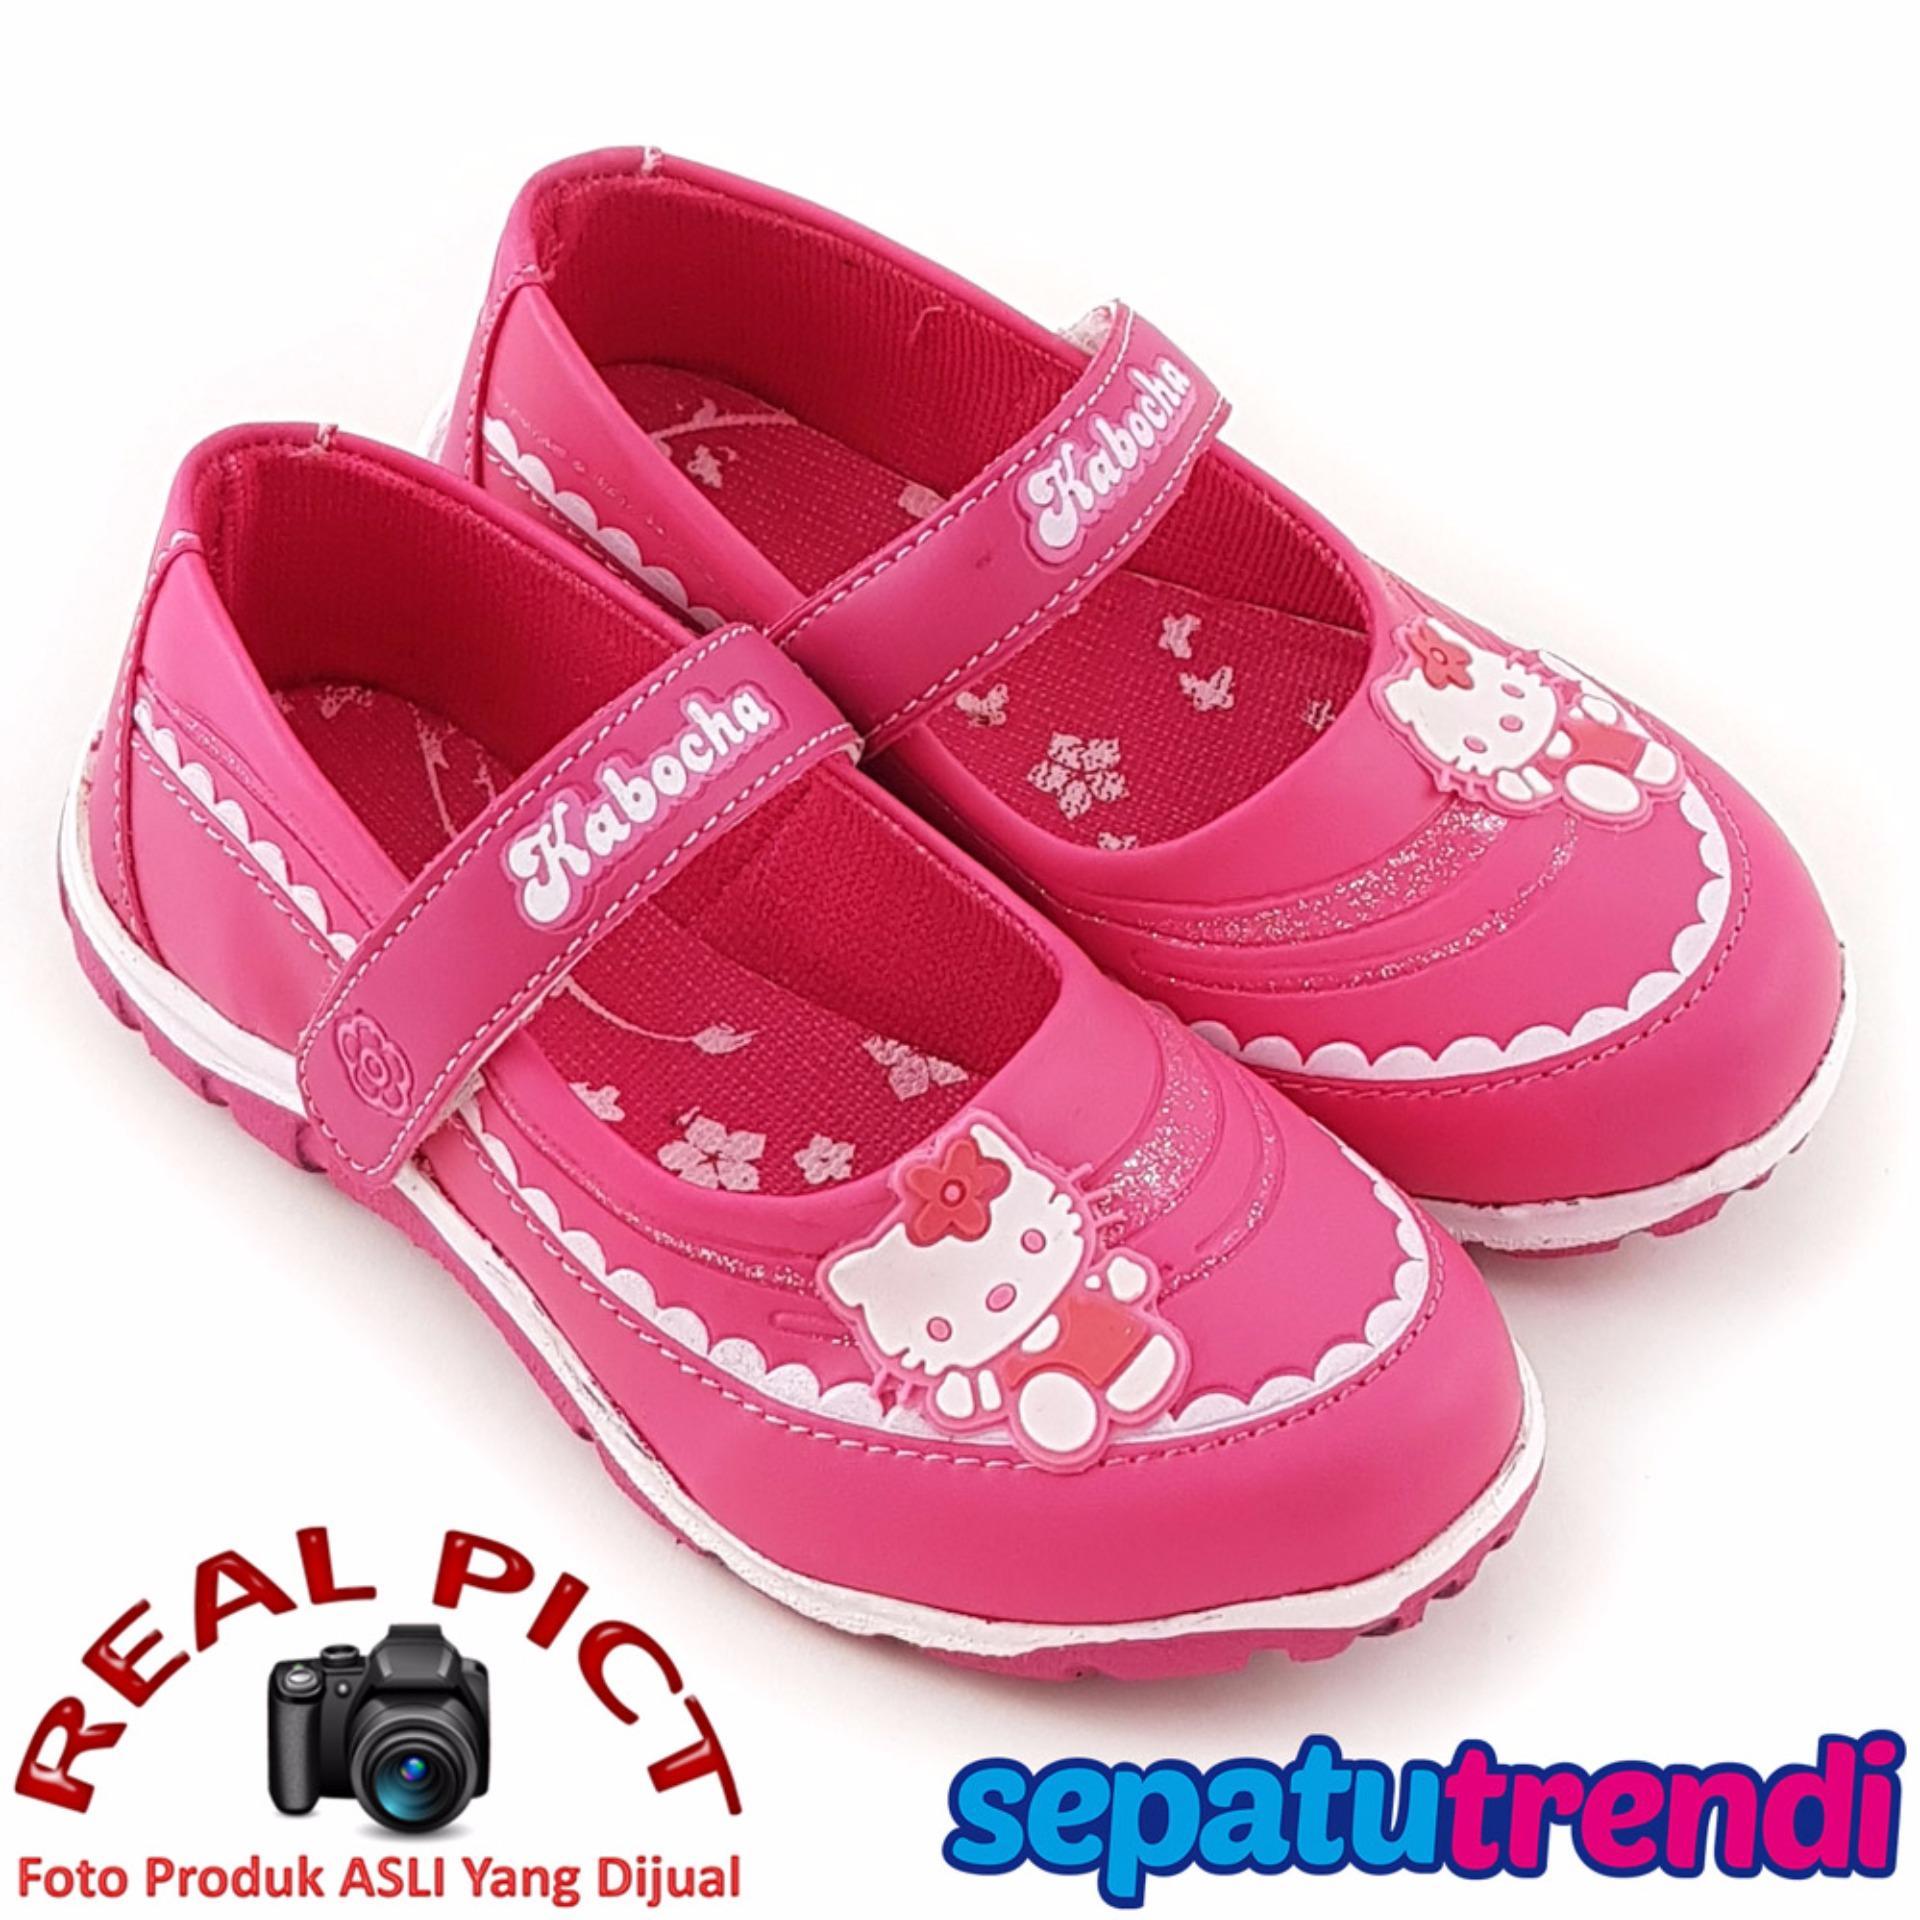 Jual Trendishoes Sepatu Sekolah Anak Perempuan Cantik Kb021 Fuchsia Branded Murah